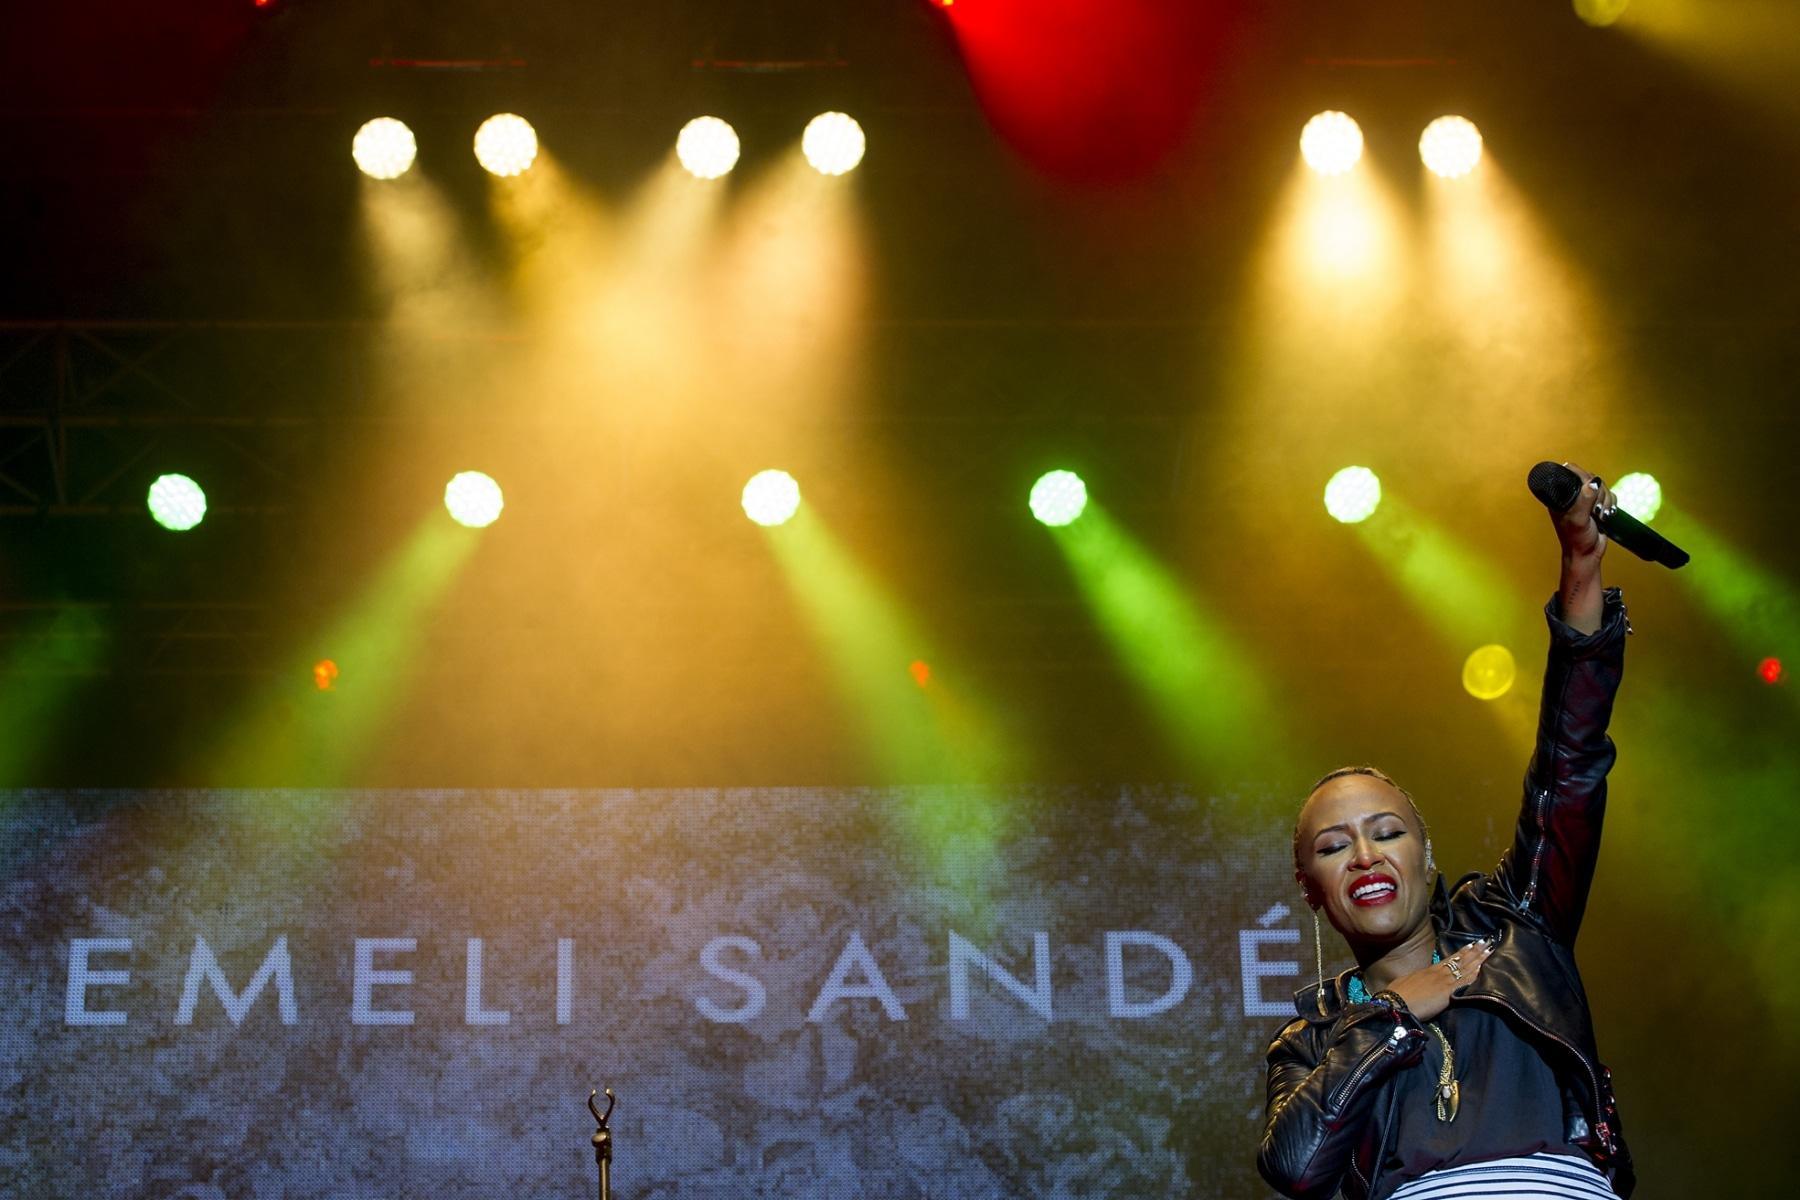 gibraltar-music-festival-2013-emili-sande_9703004352_o